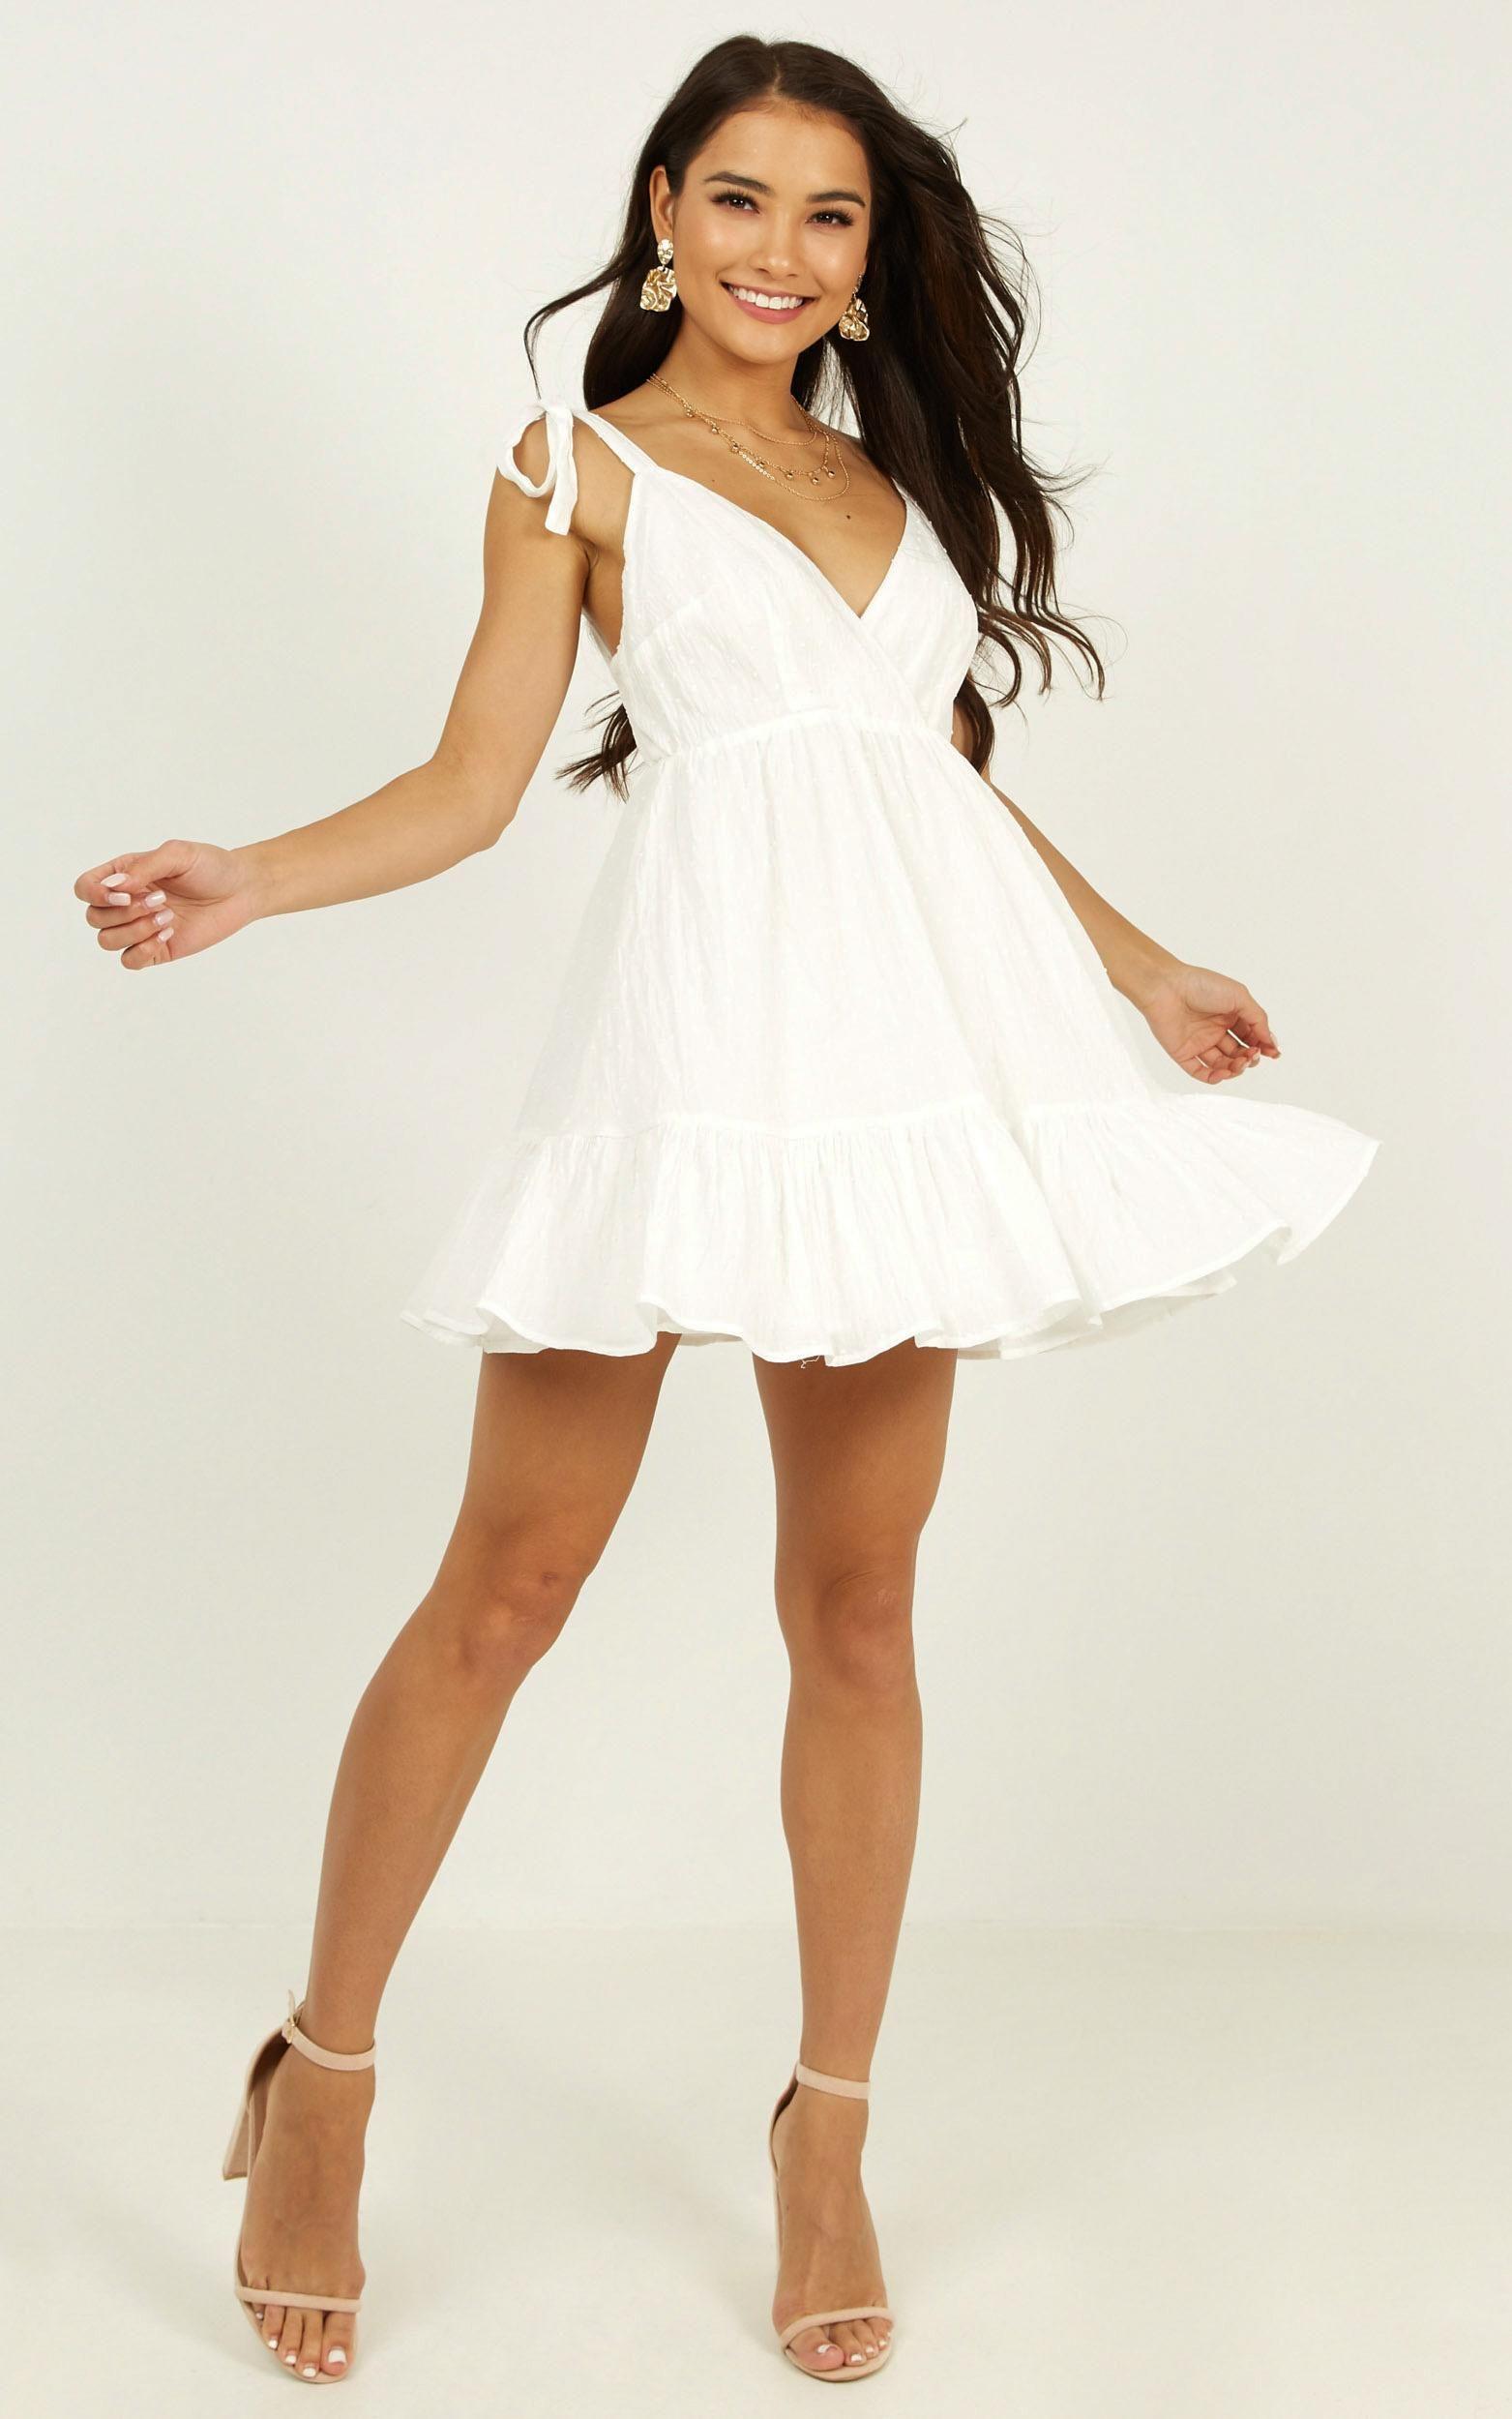 Pin On Fancy Dresses [ 2500 x 1563 Pixel ]